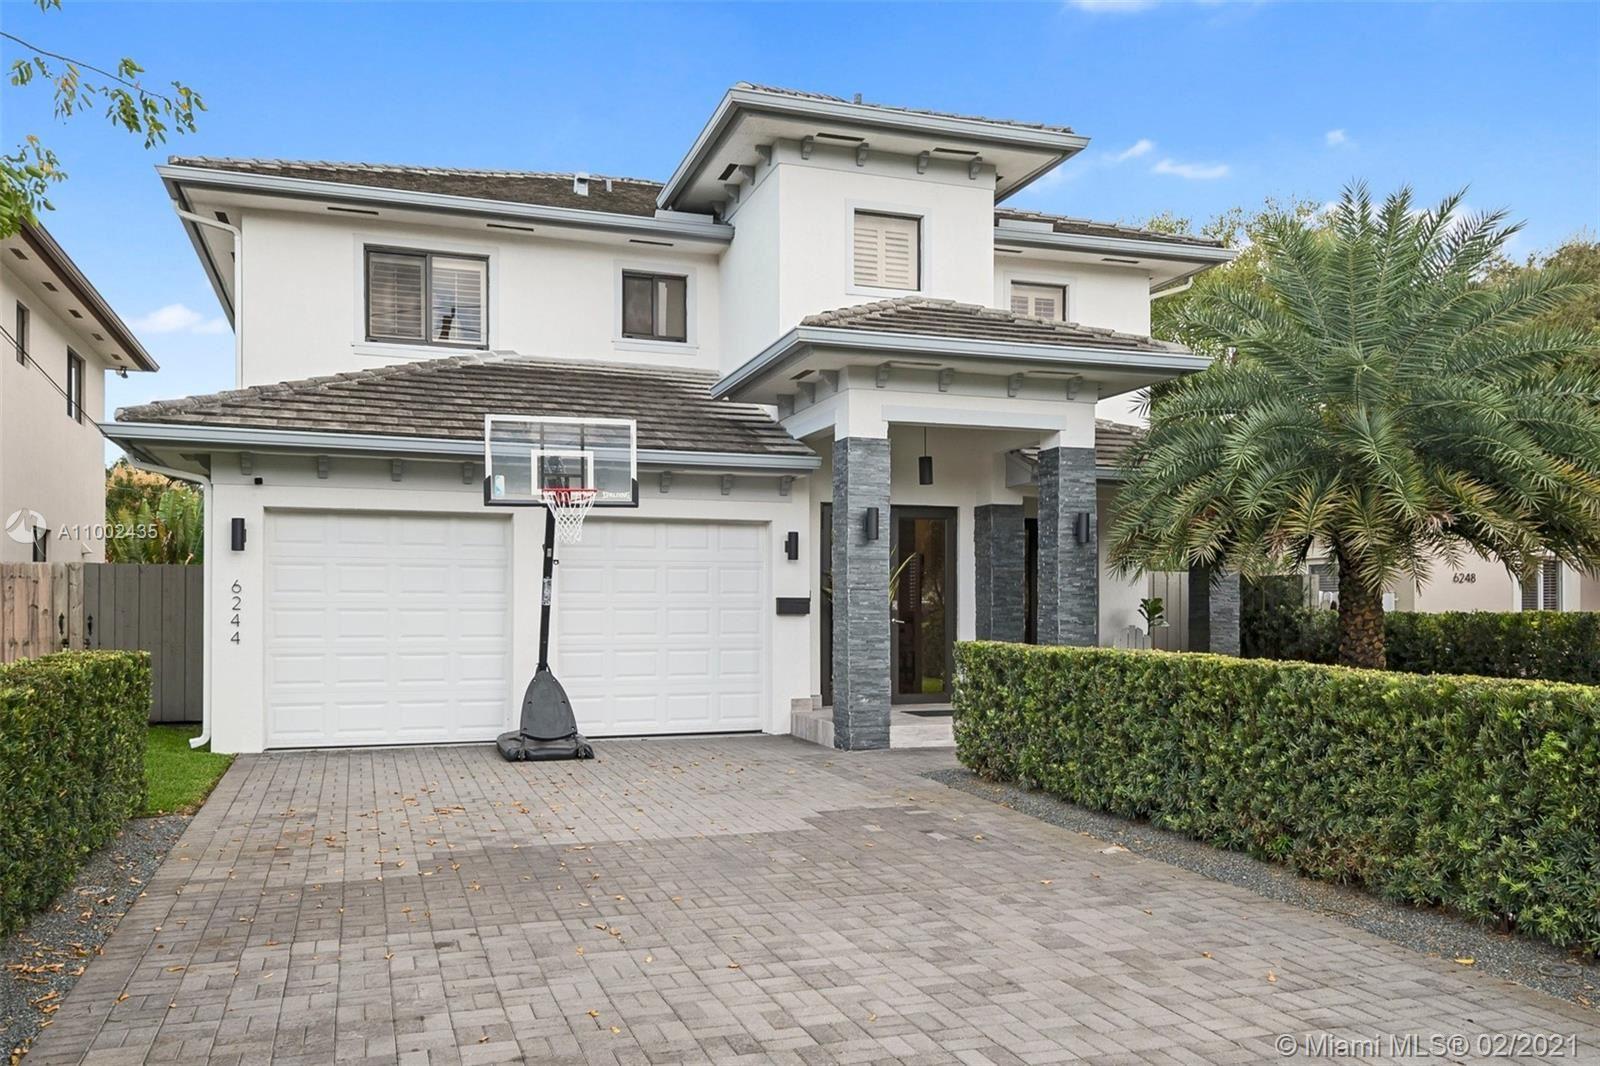 6244 SW 26th St, Miami, FL 33155 - #: A11002435